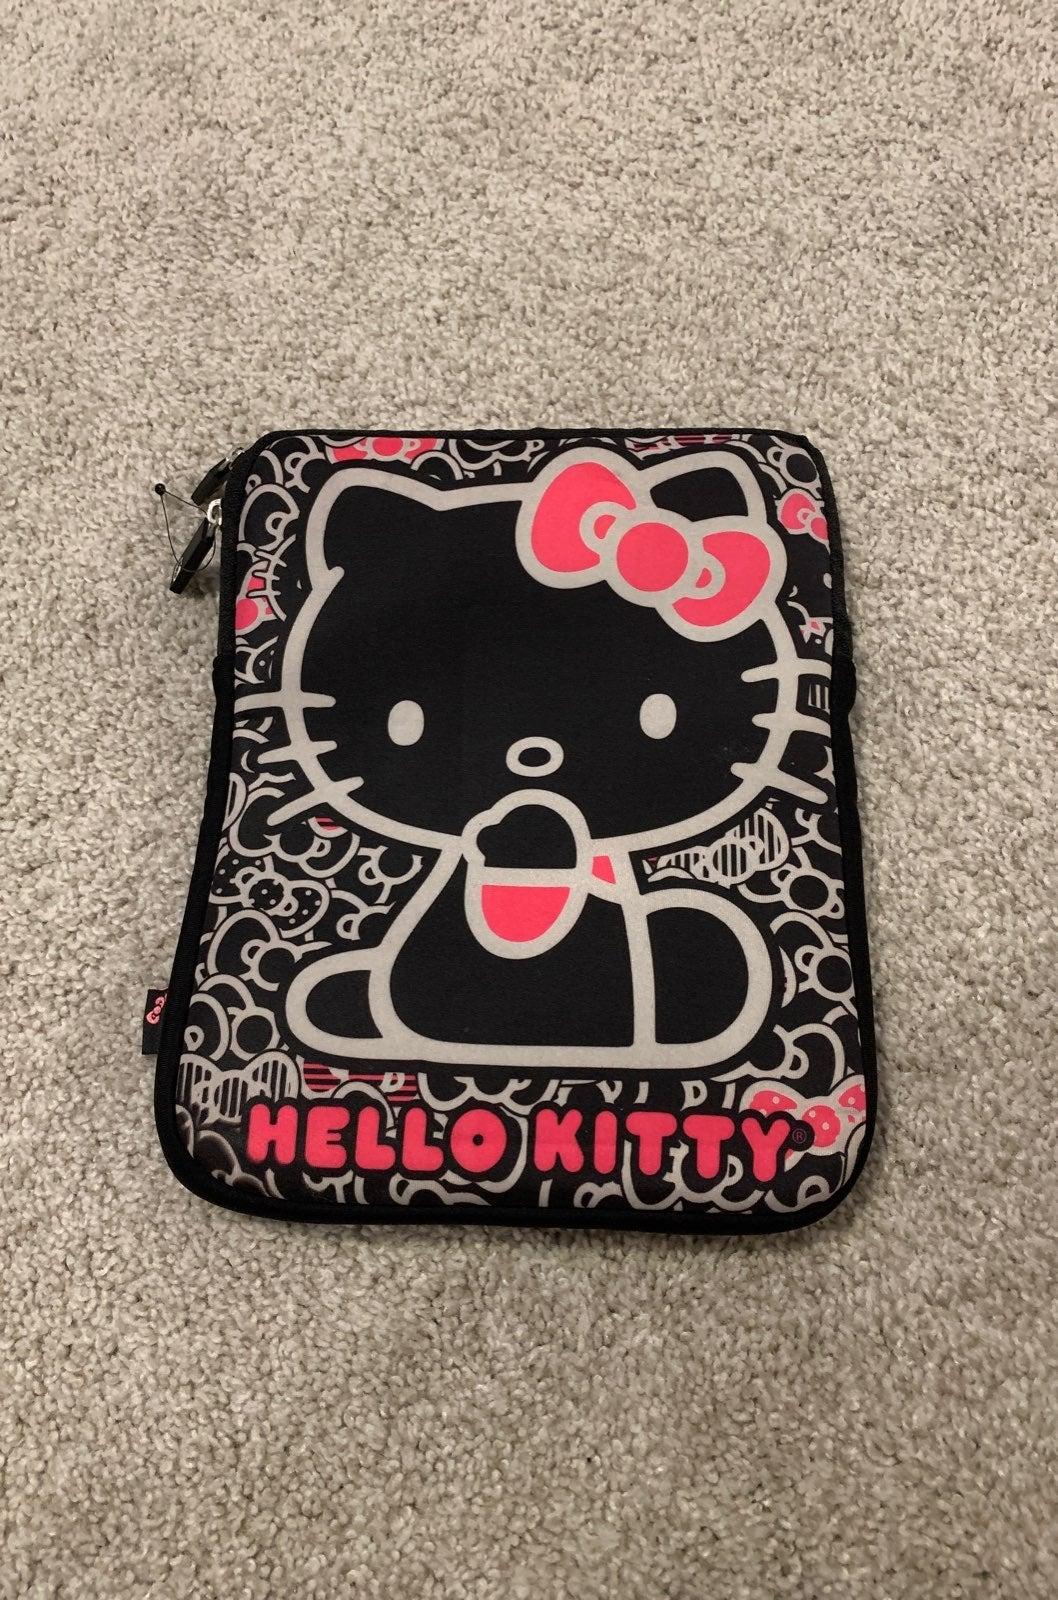 Hello kitty ipad case